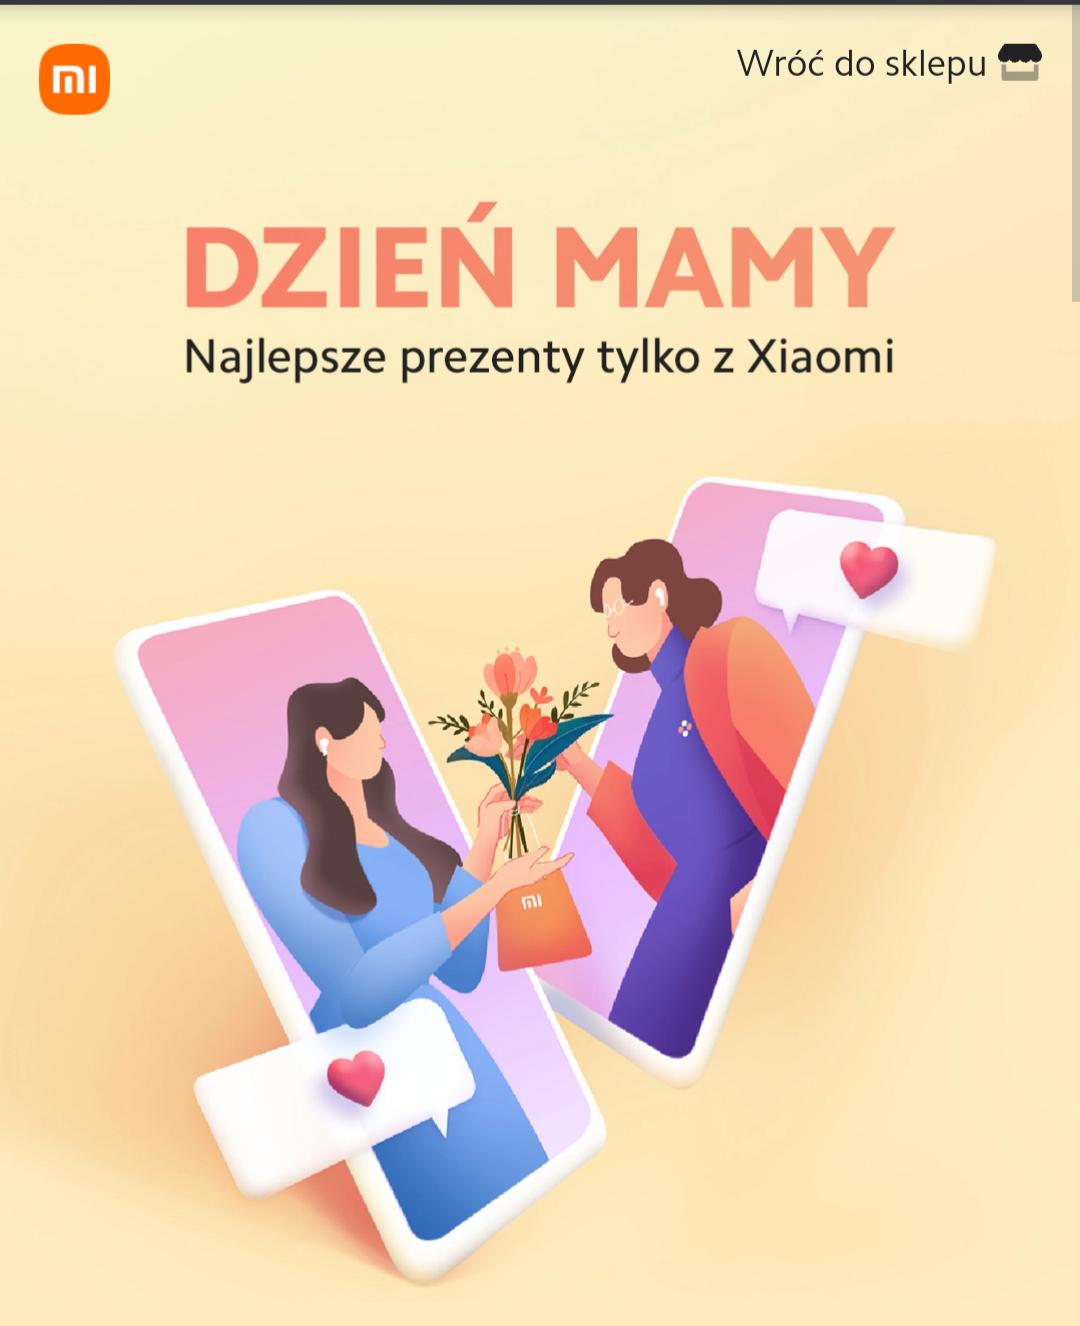 promocje na Dzień matki od Xiaomi na Mi-Home.pl